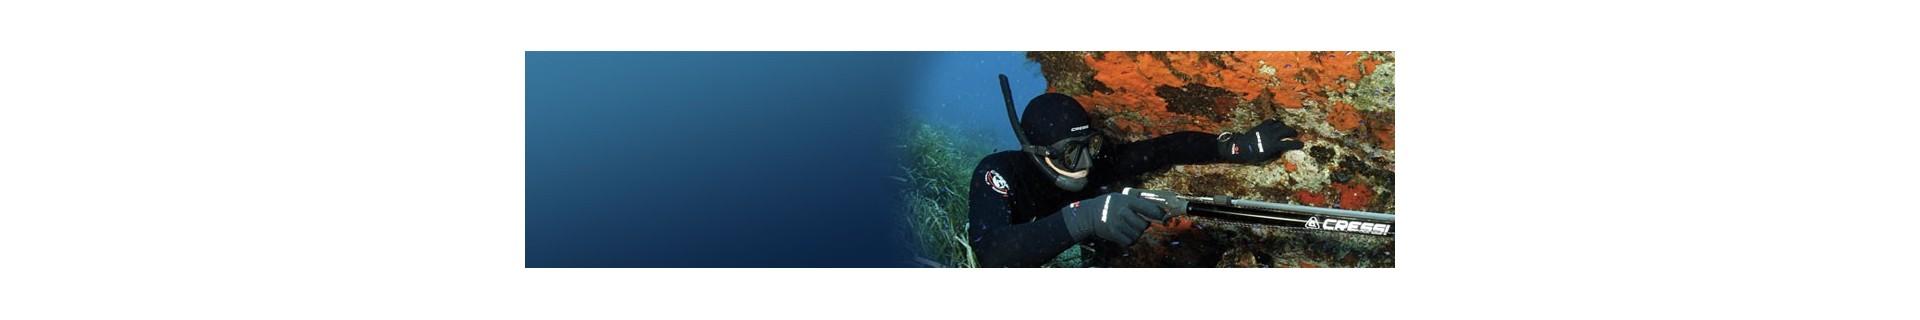 Matériel et accessoires de chasse sous-marine